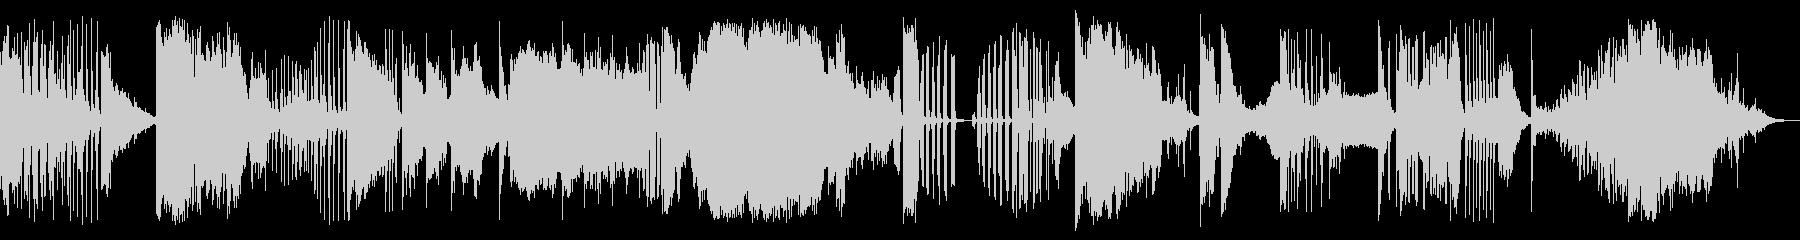 ロングショットボウリングストライクの未再生の波形